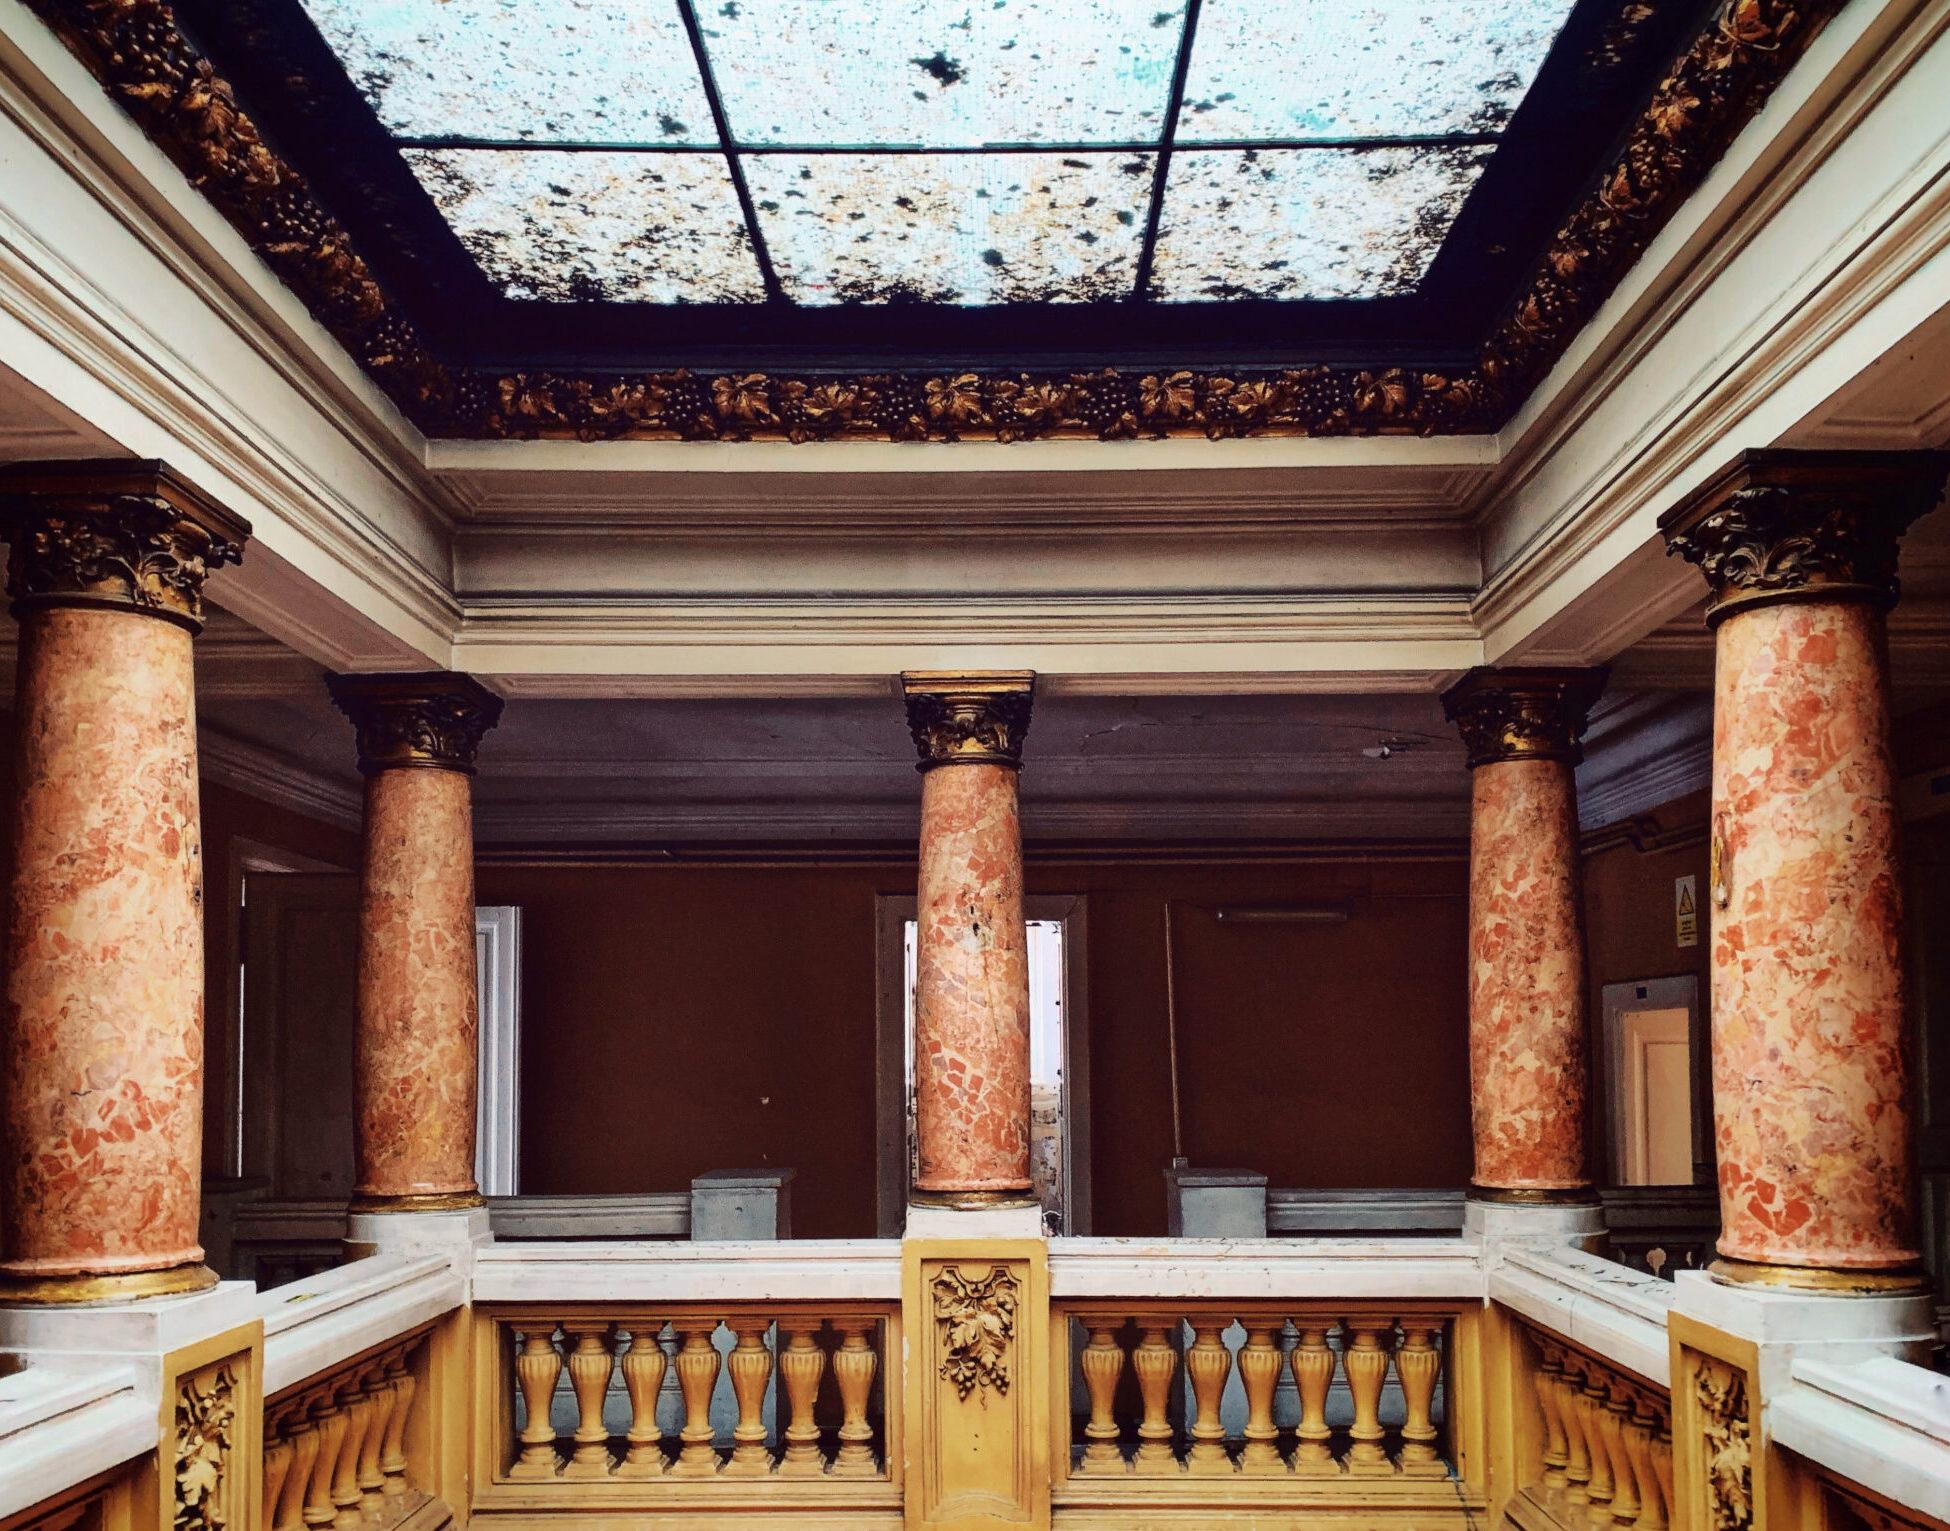 Palatul Spayer, arhitecții Louis Blanc, Ion D. Berindey și demontarea unui mit